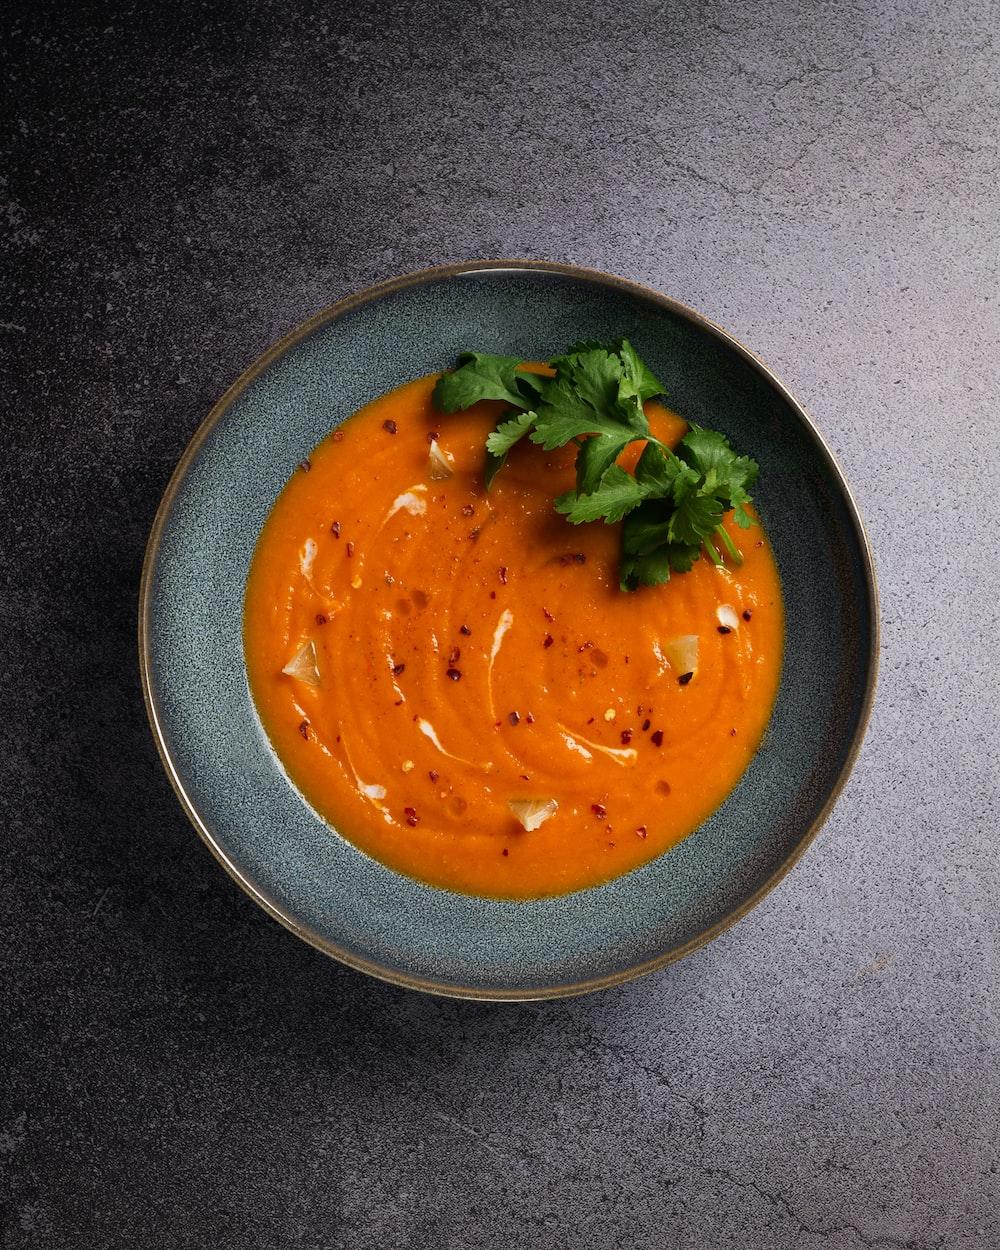 orange soup in black ceramic bowl